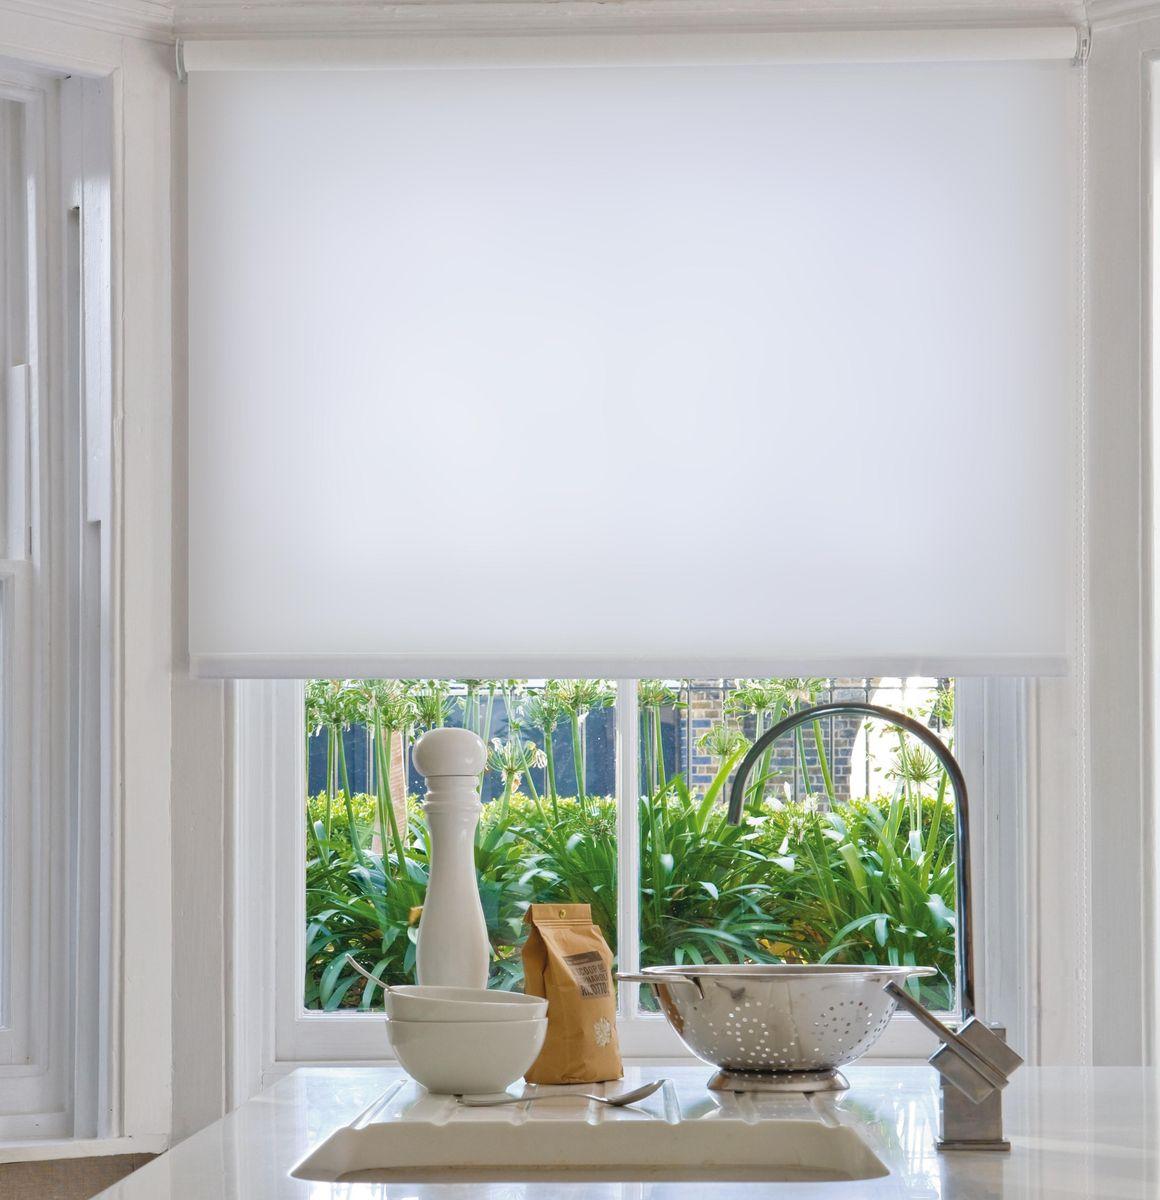 Штора рулонная Эскар, цвет: белый, ширина 160 см, высота 170 смS03301004Рулонными шторами можно оформлять окна как самостоятельно, так и использовать в комбинации с портьерами. Это поможет предотвратить выгорание дорогой ткани на солнце и соединит функционал рулонных с красотой навесных.Преимущества применения рулонных штор для пластиковых окон:- имеют прекрасный внешний вид: многообразие и фактурность материала изделия отлично смотрятся в любом интерьере; - многофункциональны: есть возможность подобрать шторы способные эффективно защитить комнату от солнца, при этом о на не будет слишком темной. - Есть возможность осуществить быстрый монтаж. ВНИМАНИЕ! Размеры ширины изделия указаны по ширине ткани!Во время эксплуатации не рекомендуется полностью разматывать рулон, чтобы не оторвать ткань от намоточного вала.В случае загрязнения поверхности ткани, чистку шторы проводят одним из способов, в зависимости от типа загрязнения: легкое поверхностное загрязнение можно удалить при помощи канцелярского ластика; чистка от пыли производится сухим методом при помощи пылесоса с мягкой щеткой-насадкой; для удаления пятна используйте мягкую губку с пенообразующим неагрессивным моющим средством или пятновыводитель на натуральной основе (нельзя применять растворители).